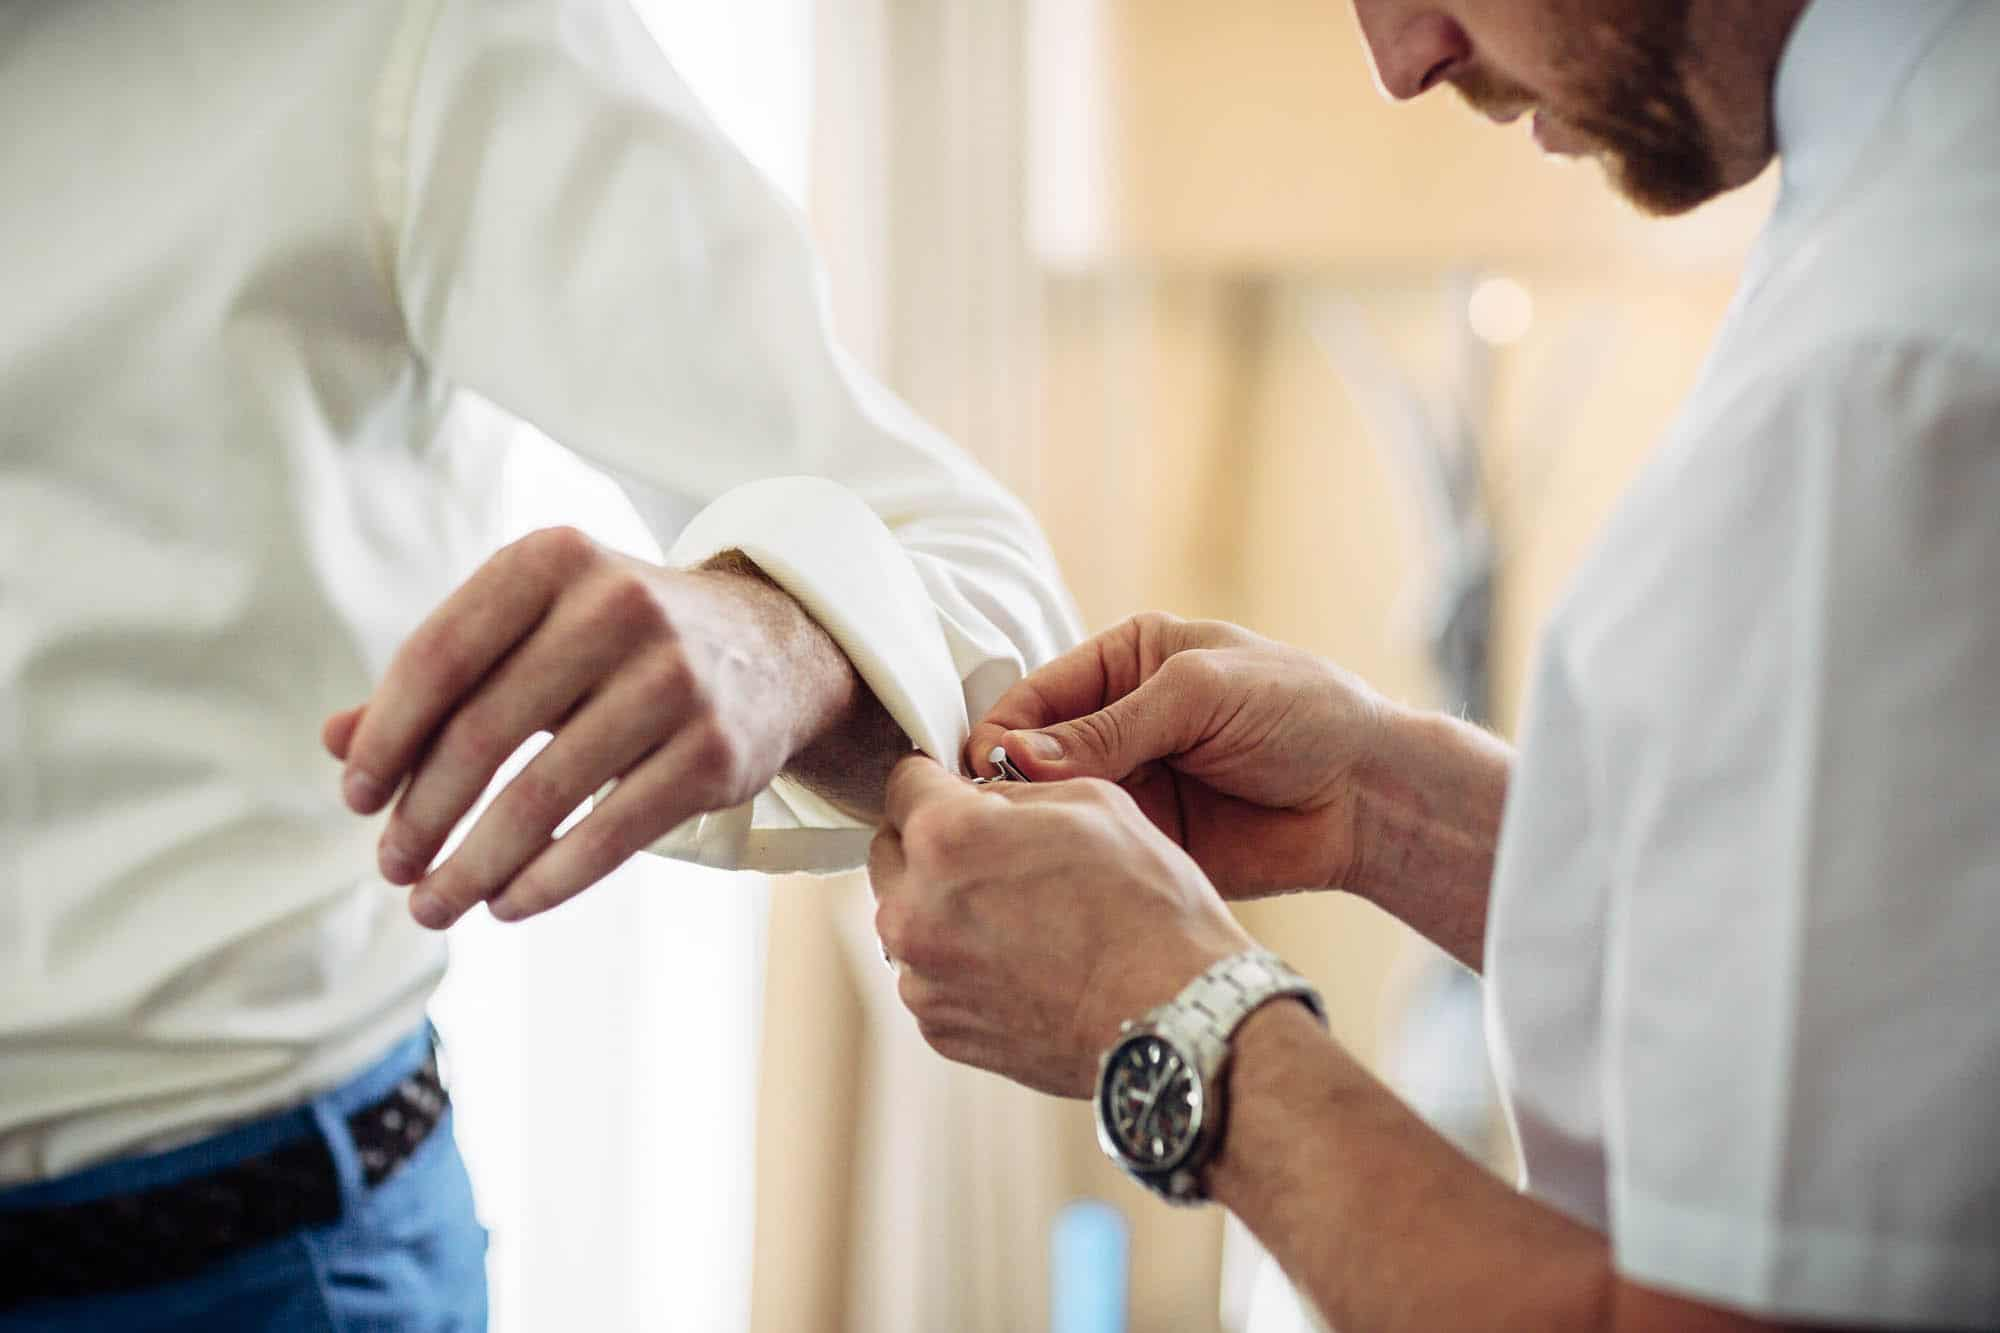 Trauzeuge hilft dem Bräutigam beim Anziehen der Manschettenknöpfe